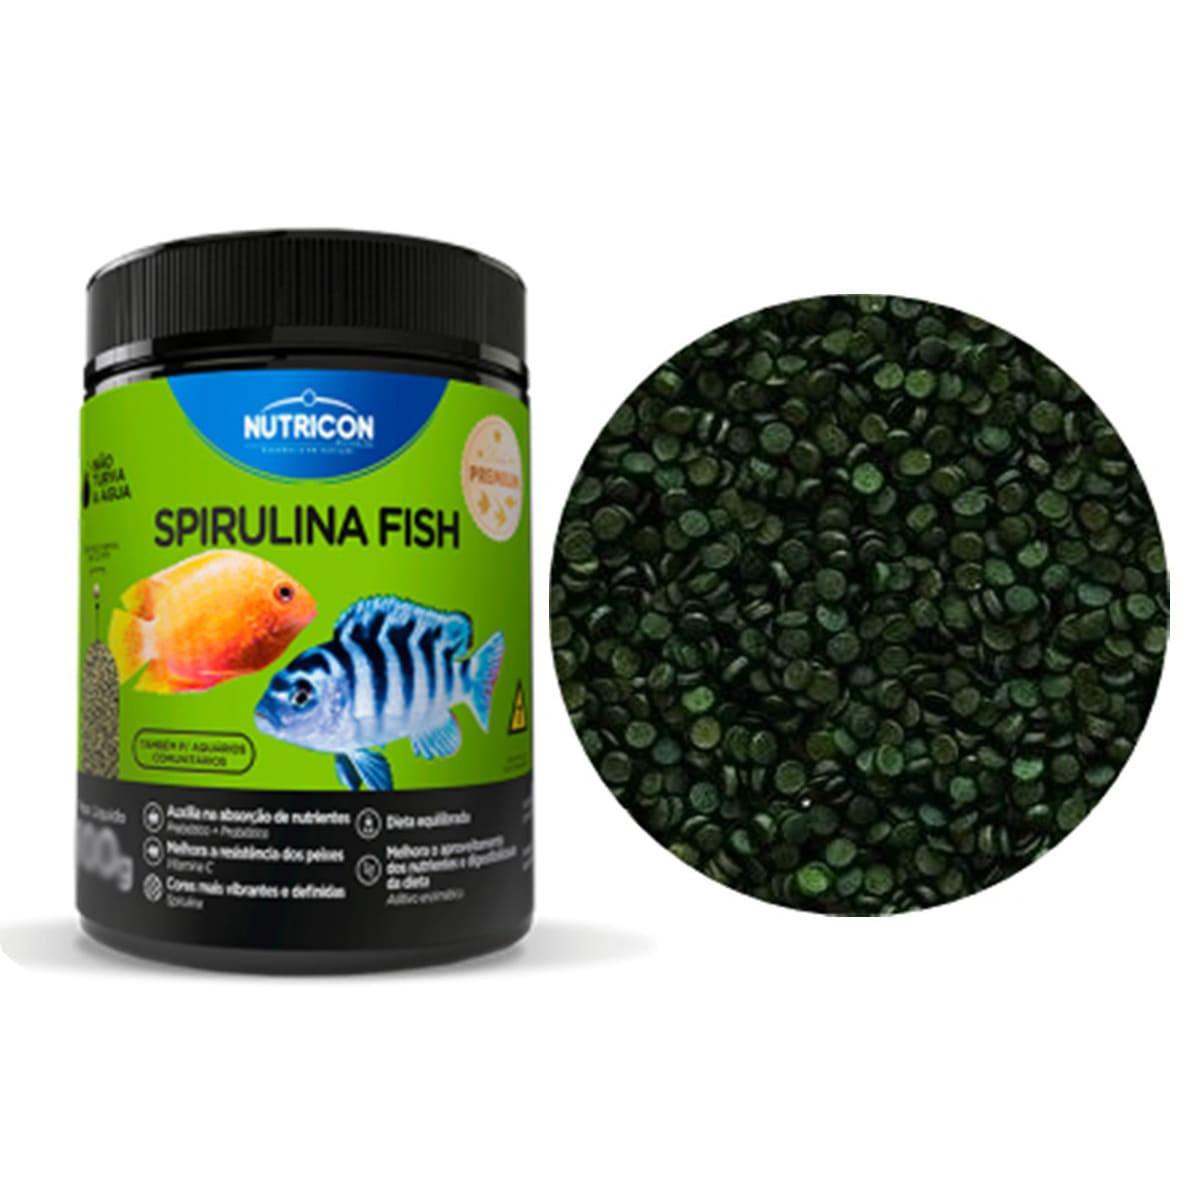 Ração Nutricon Spirulina Fish 40g - Crescimento e Manutenção